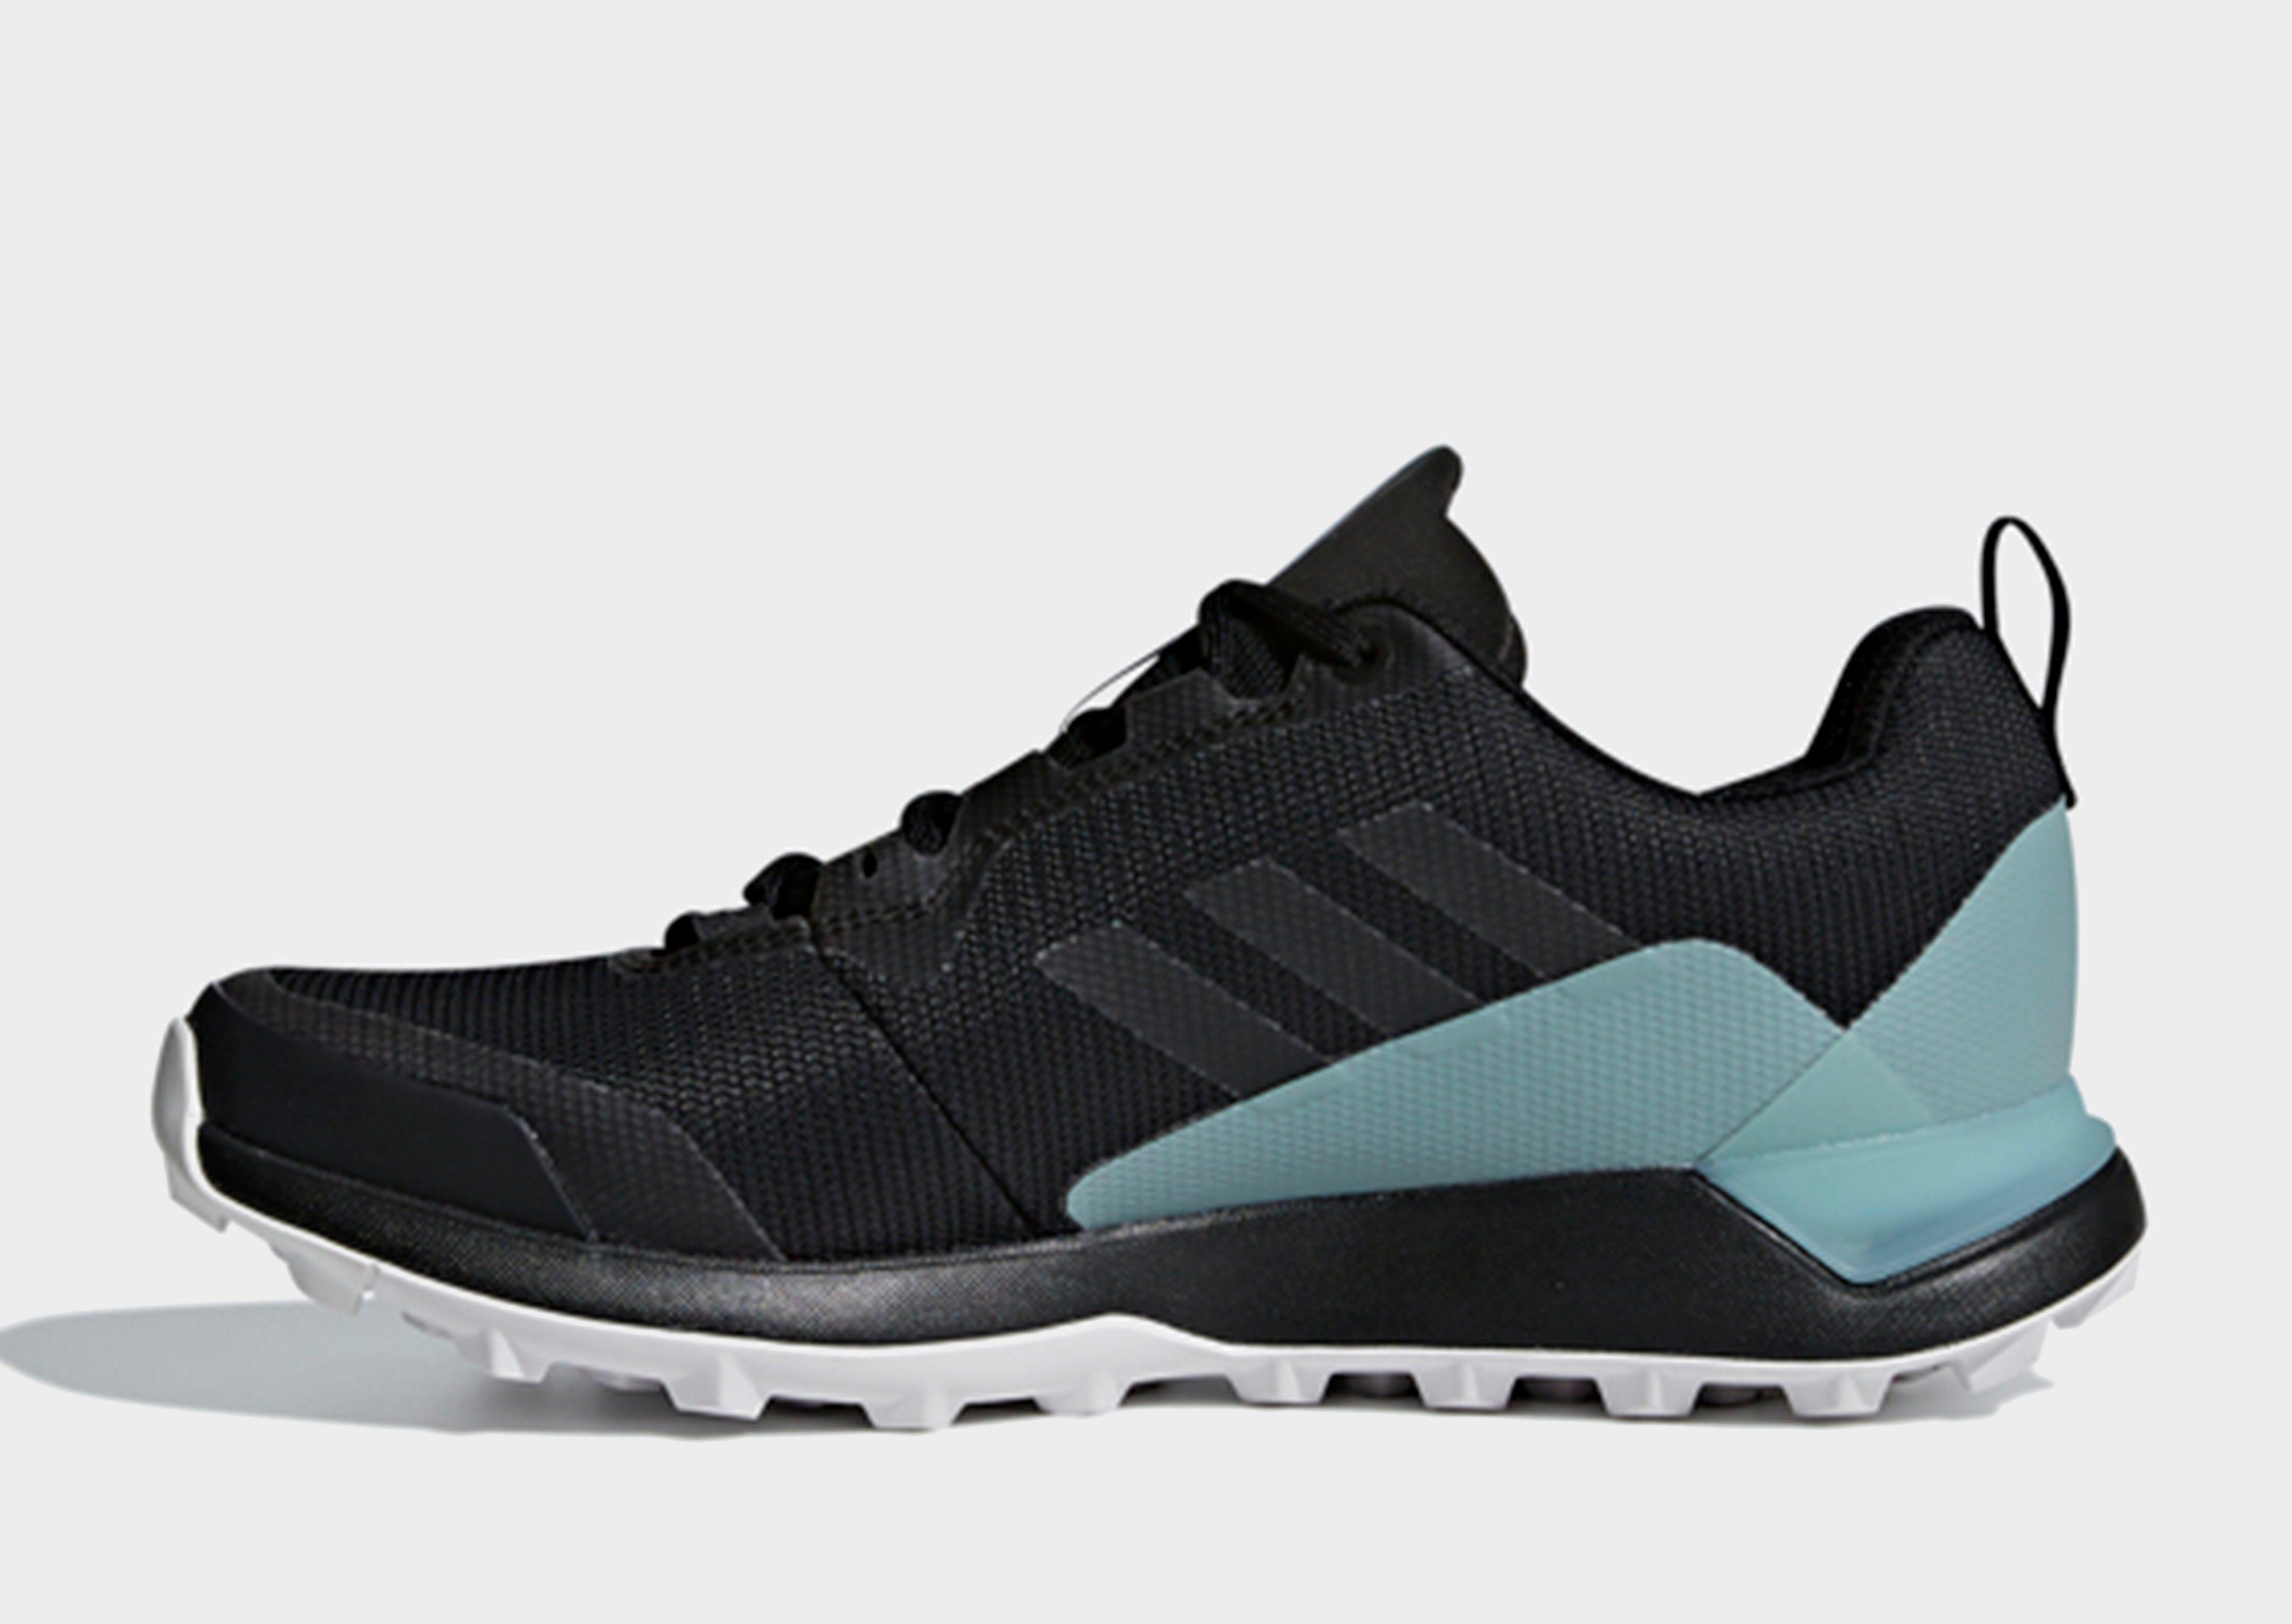 1a4135f6792aea ADIDAS TERREX CMTK GTX Shoes